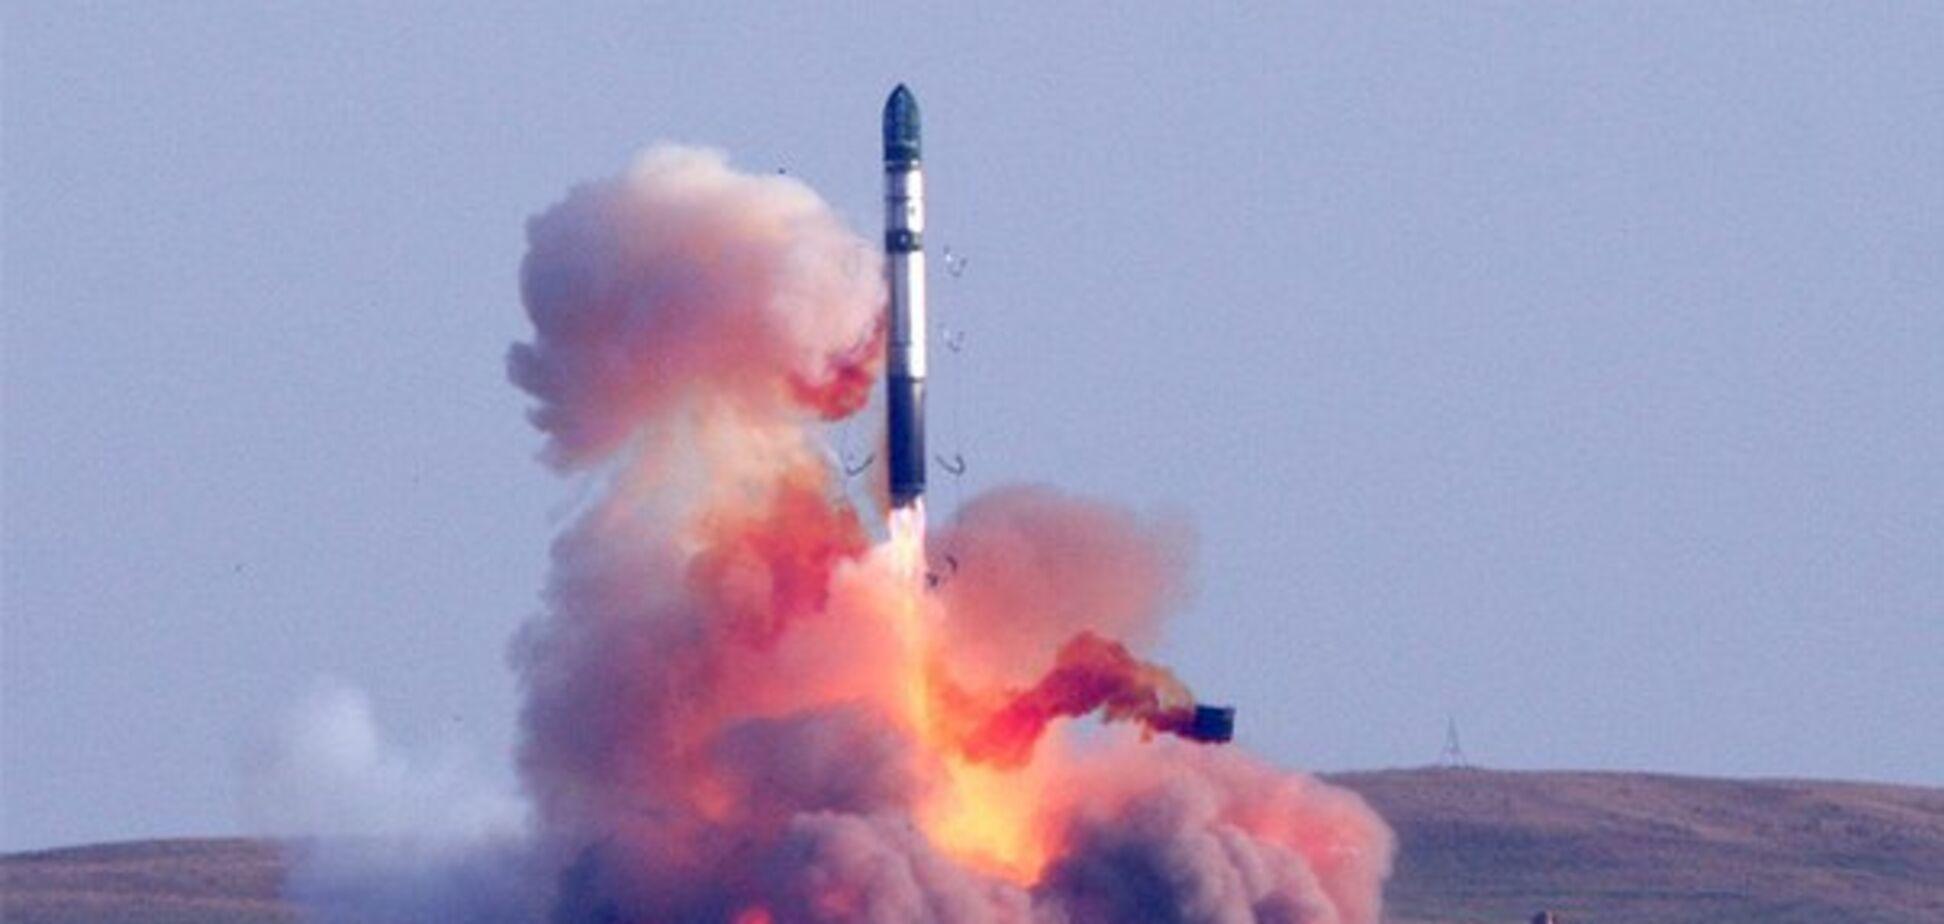 'Світ буде знищений': військовим 'ноу-хау' Росії винесли вердикт